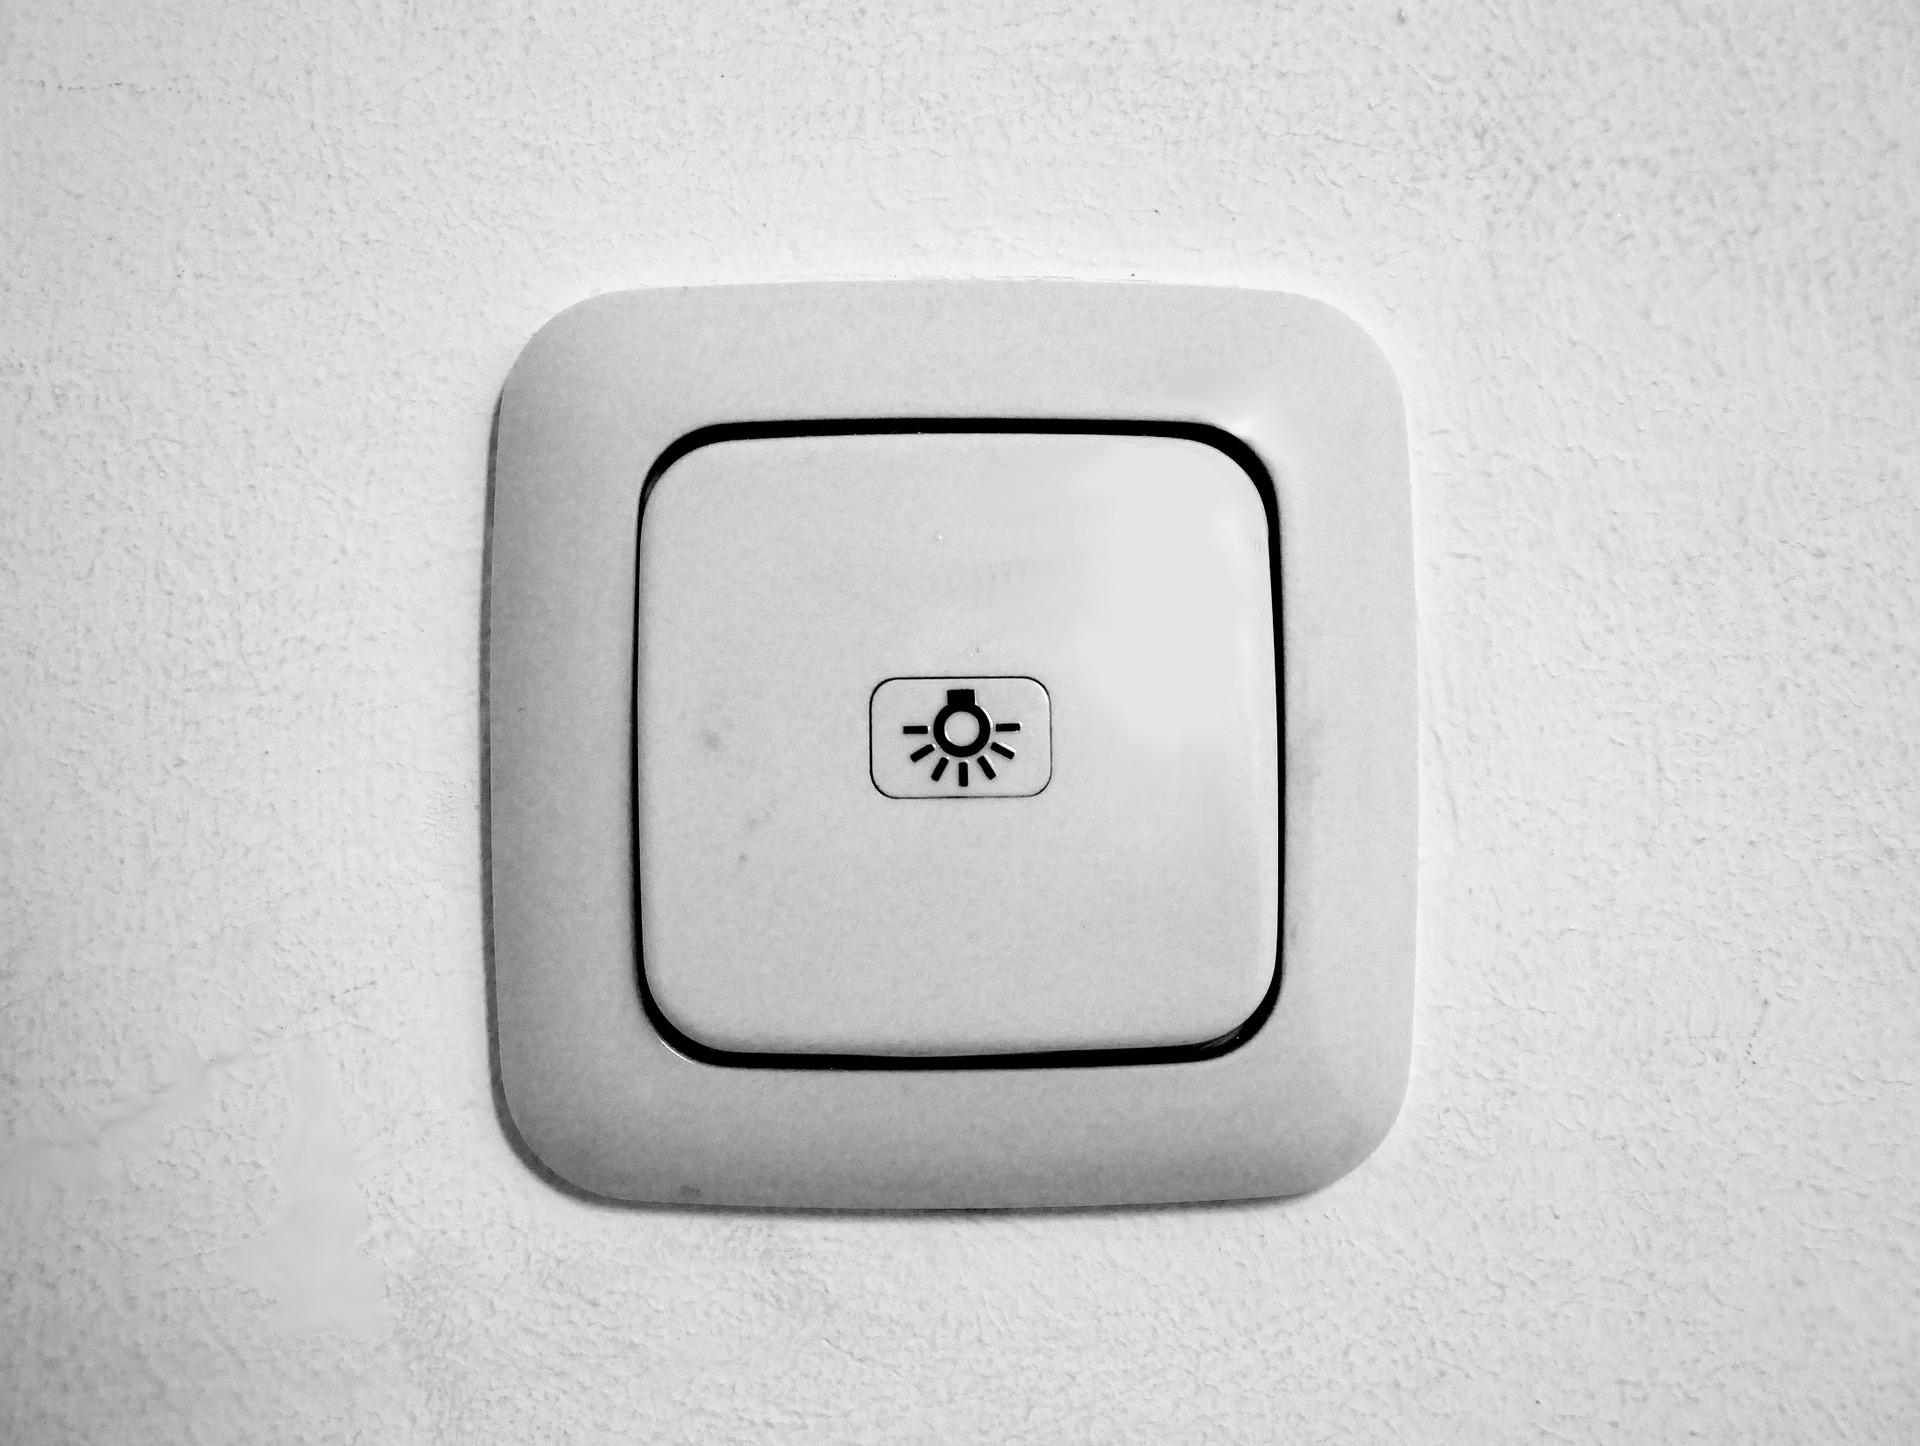 ein weißer lichtschalter mit einem Lampensymbol darauf